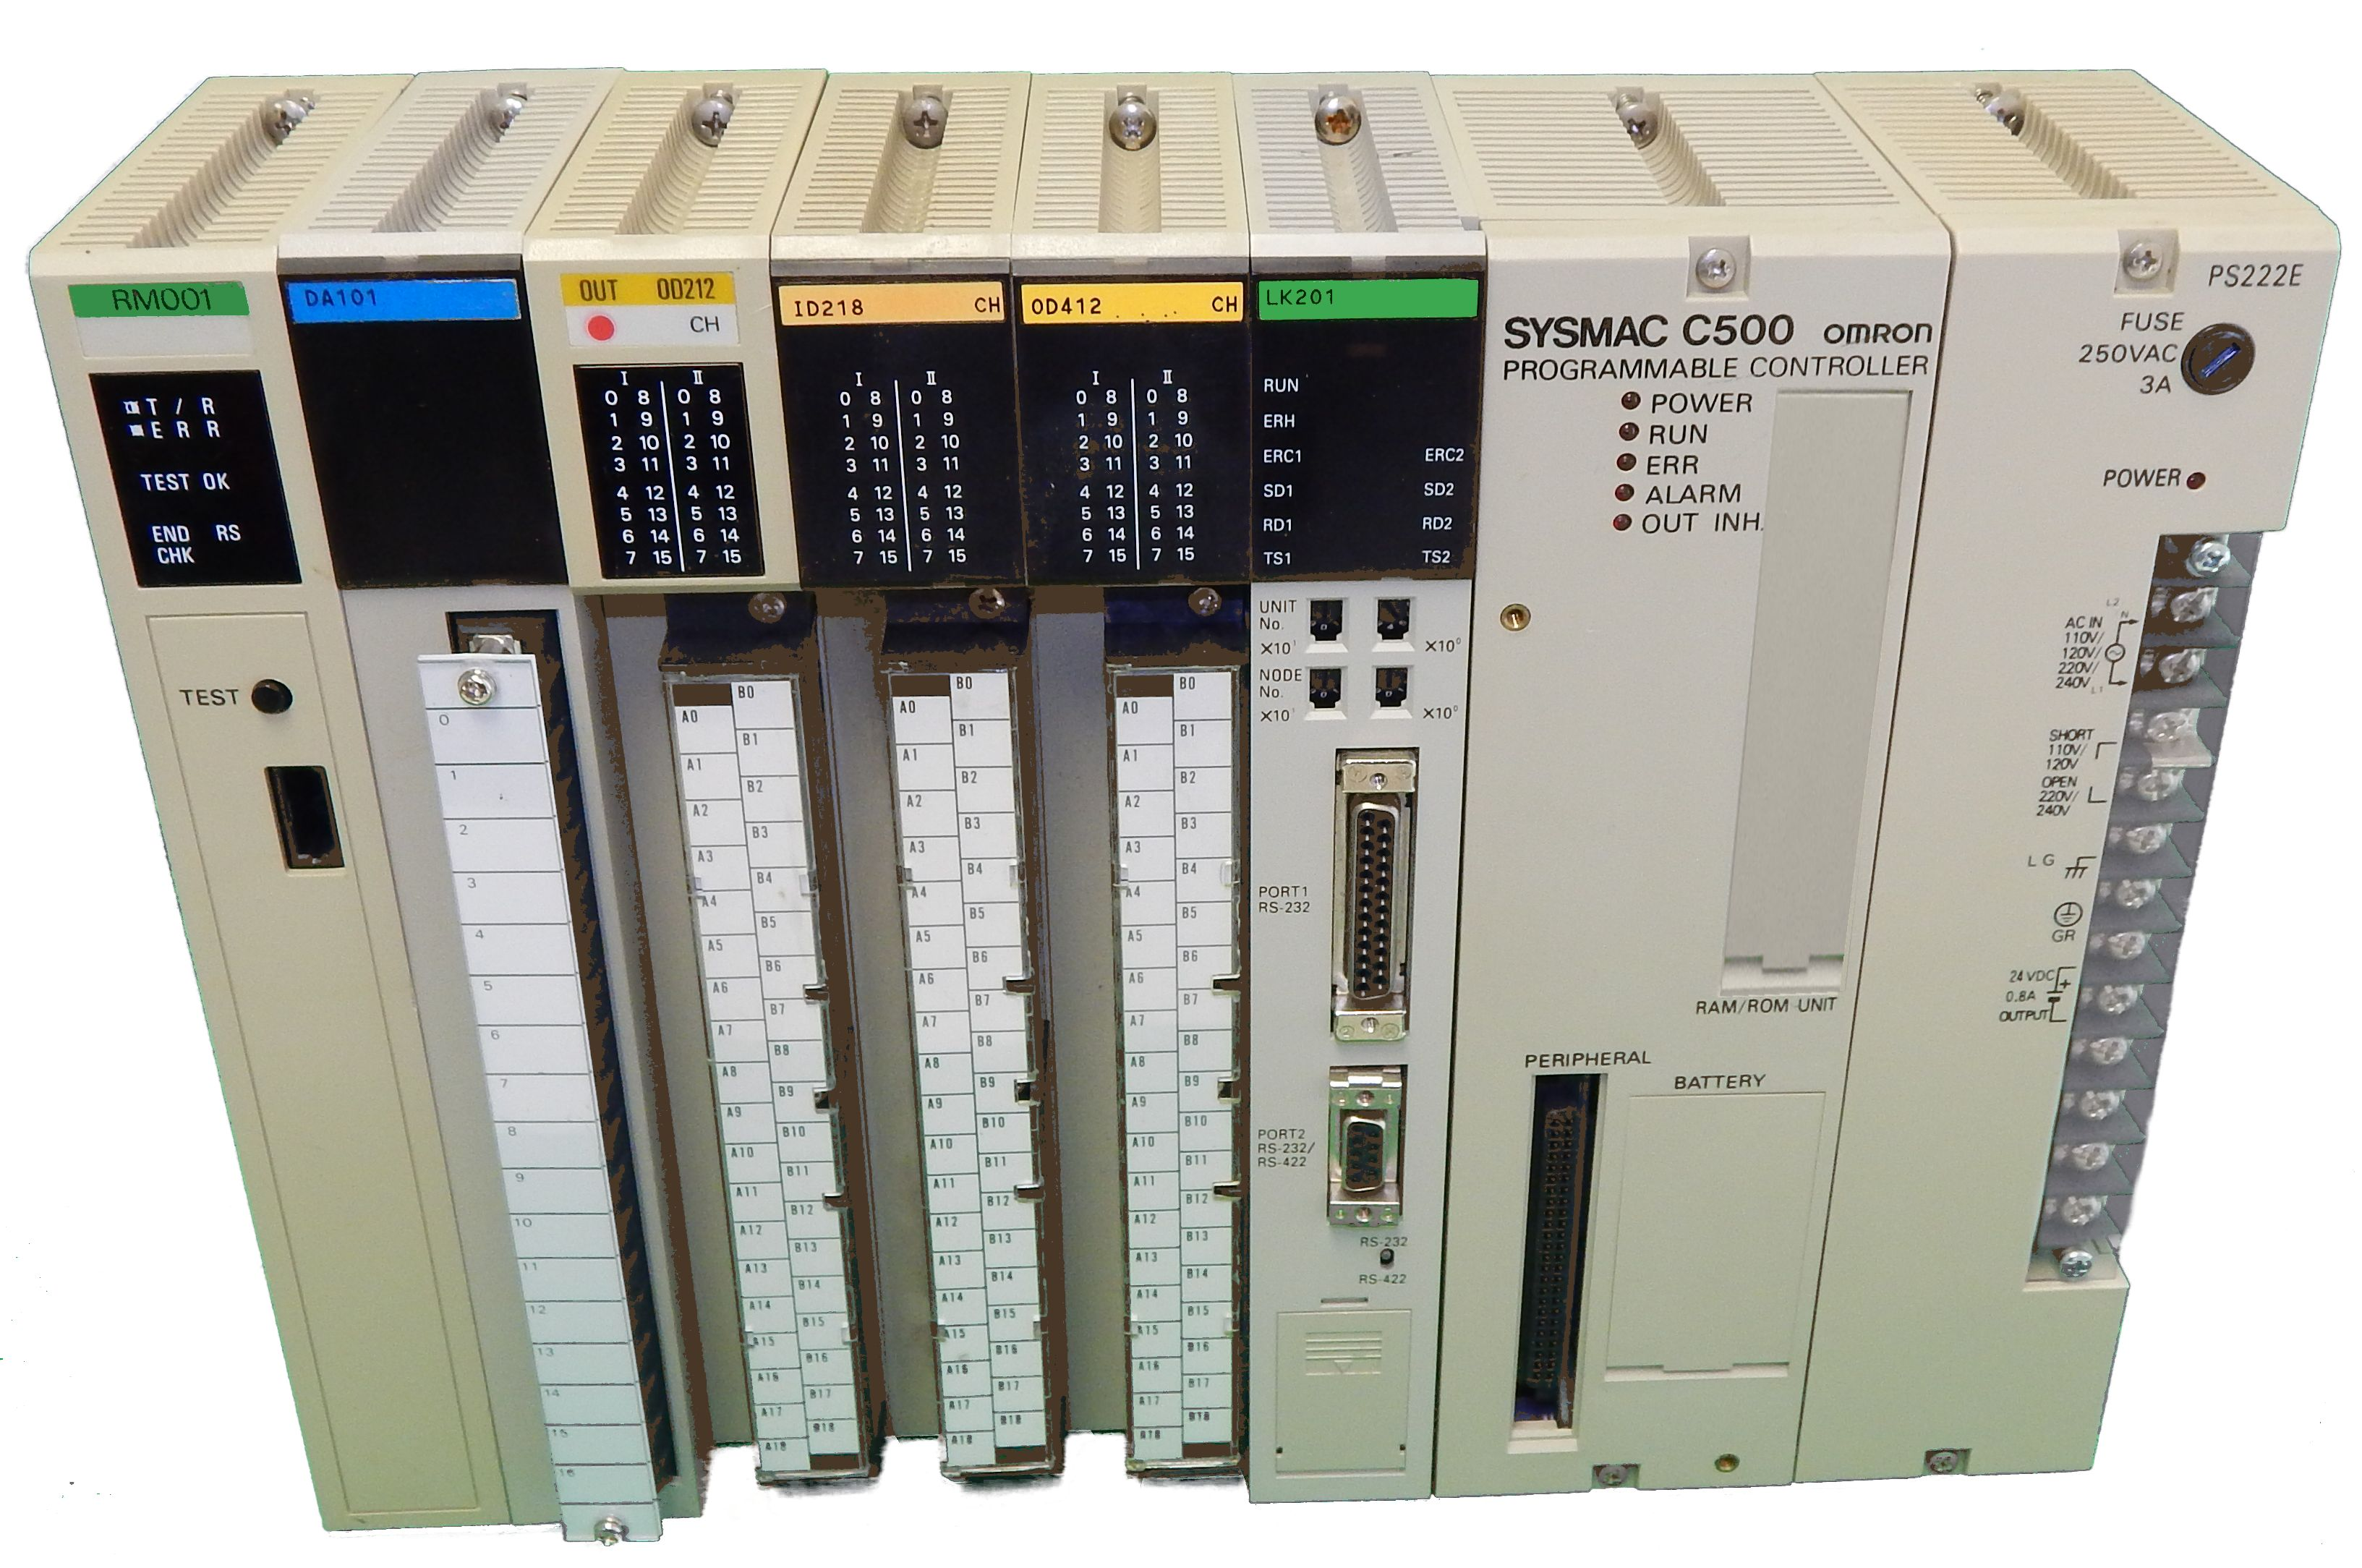 3G2A6-PR015